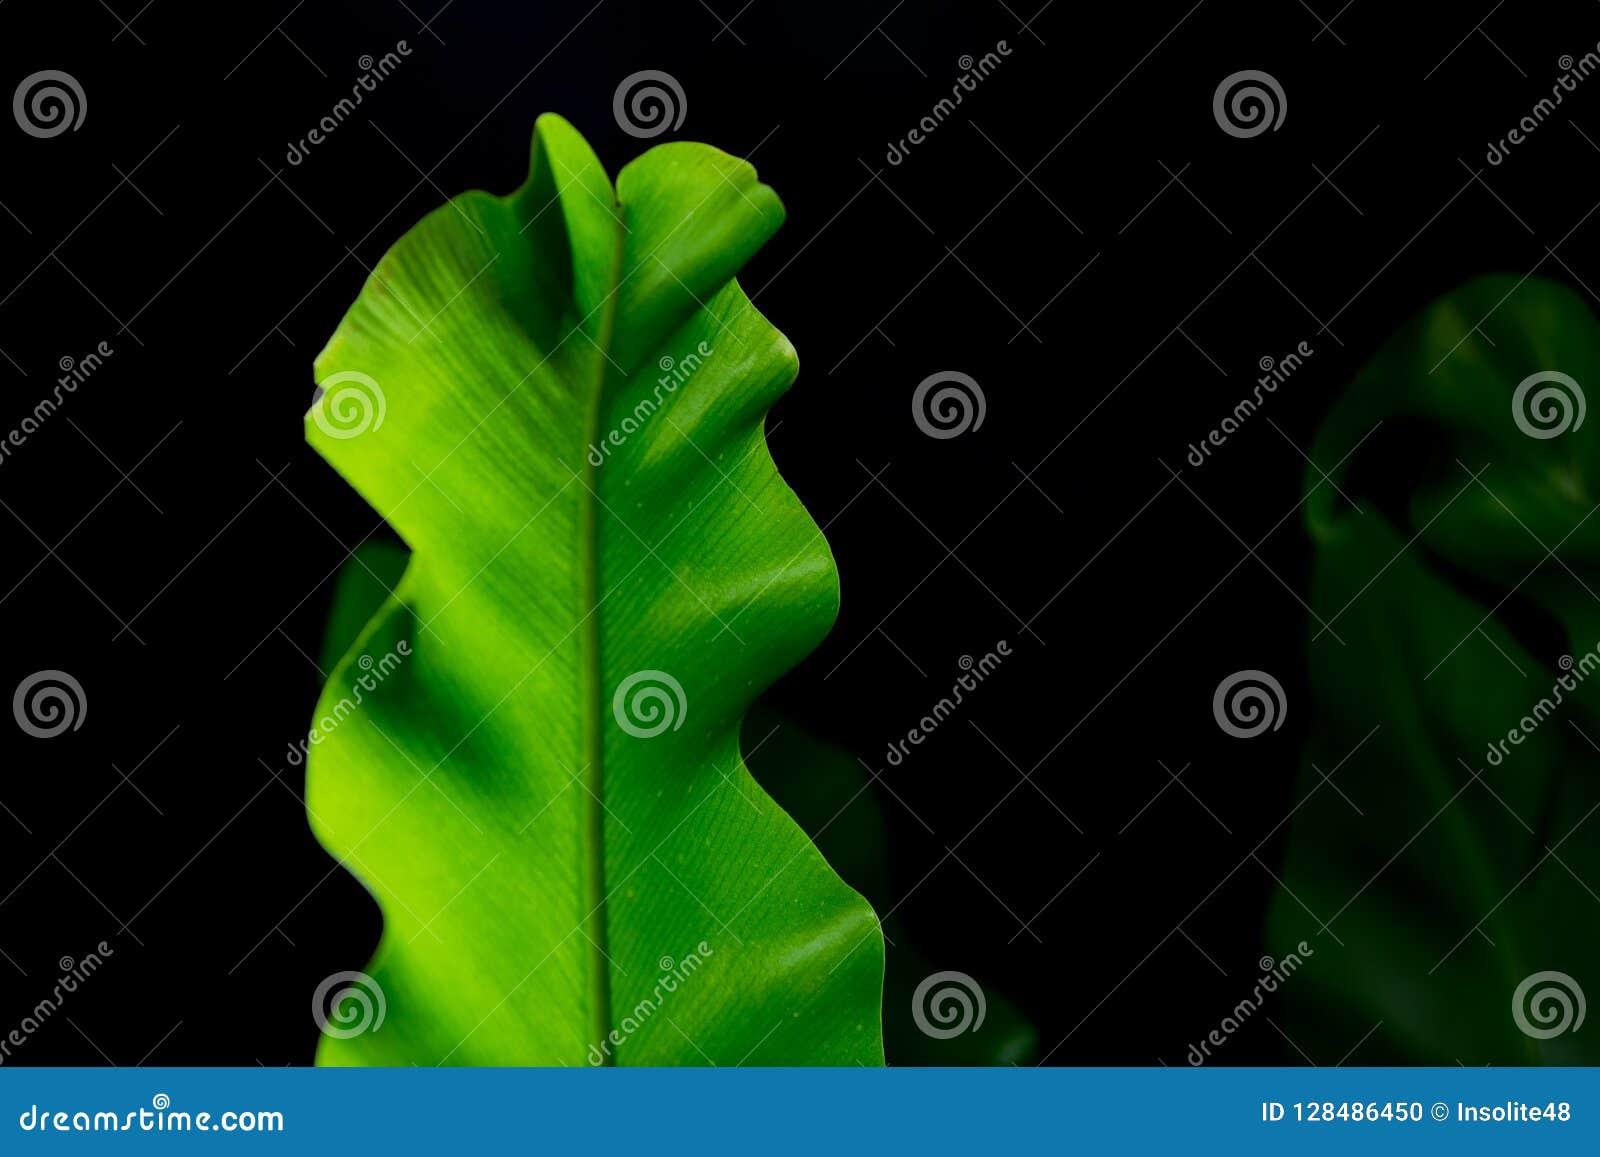 Asplenium mit hell reichen grünen Blättern auf dunklem Hintergrund Lang breite Blätter